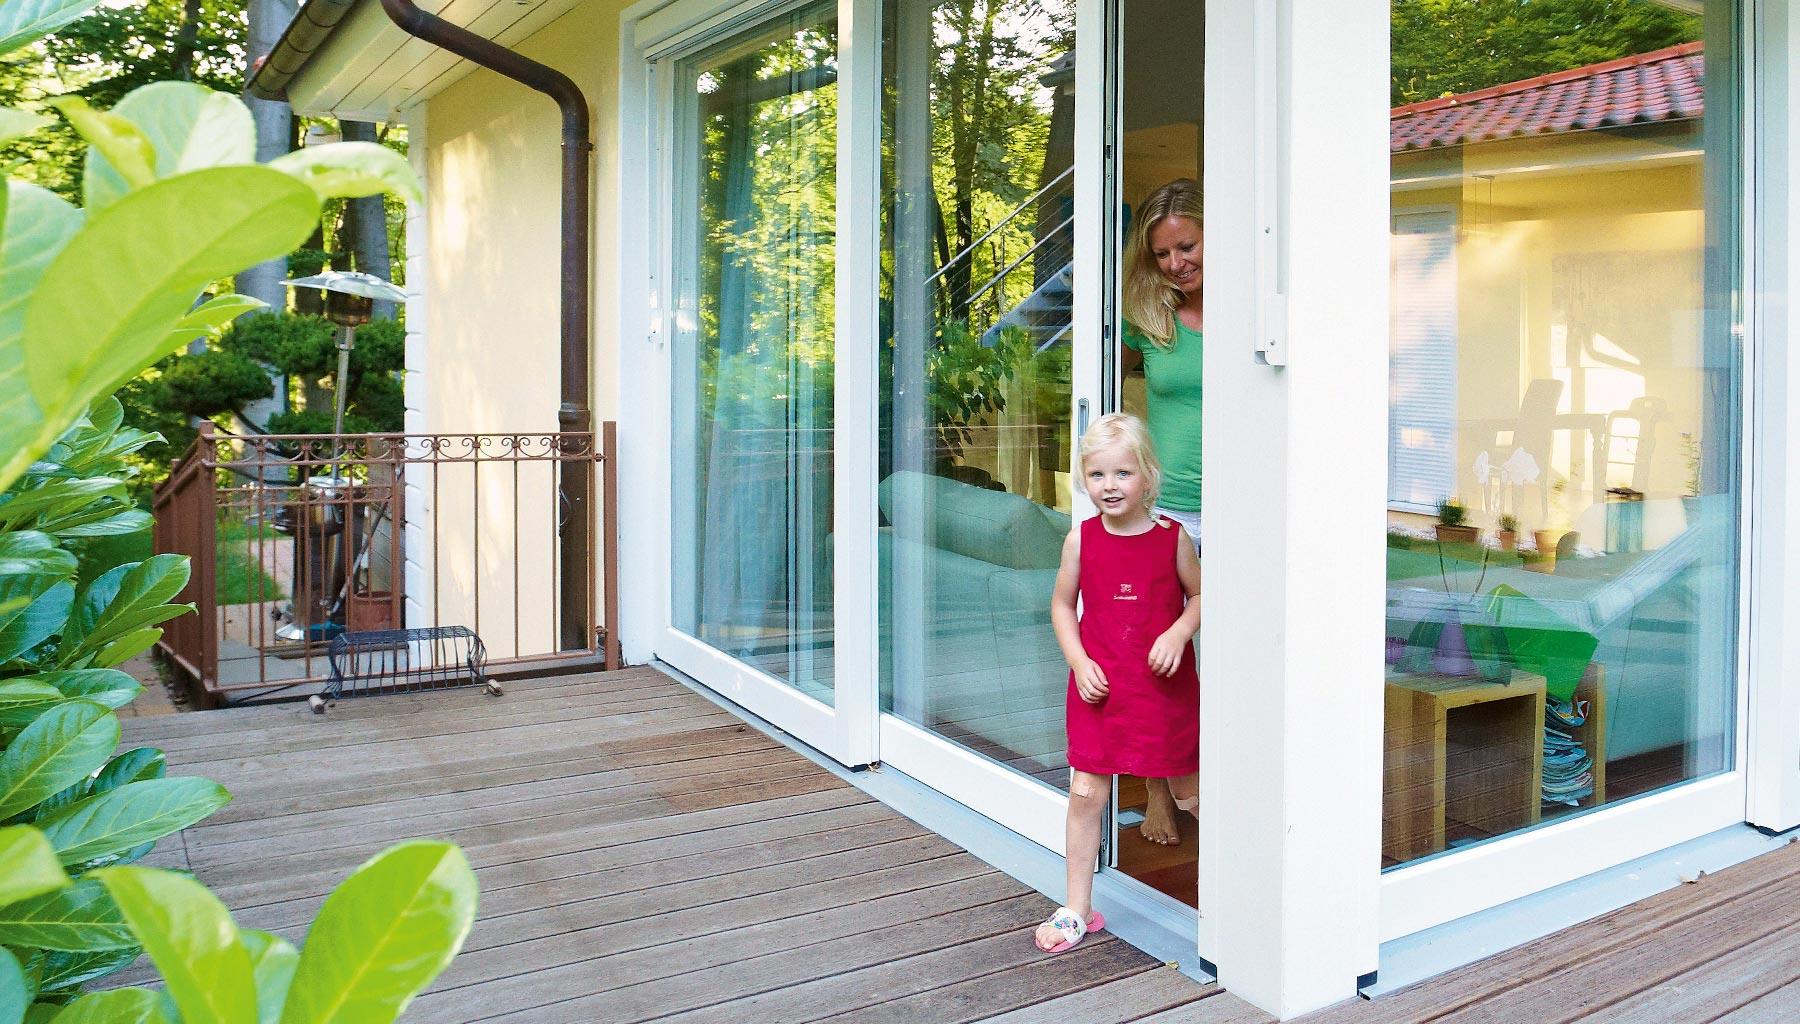 hbi fenster t ren und haust ren perfekte l sungen seit ber 50 jahren. Black Bedroom Furniture Sets. Home Design Ideas